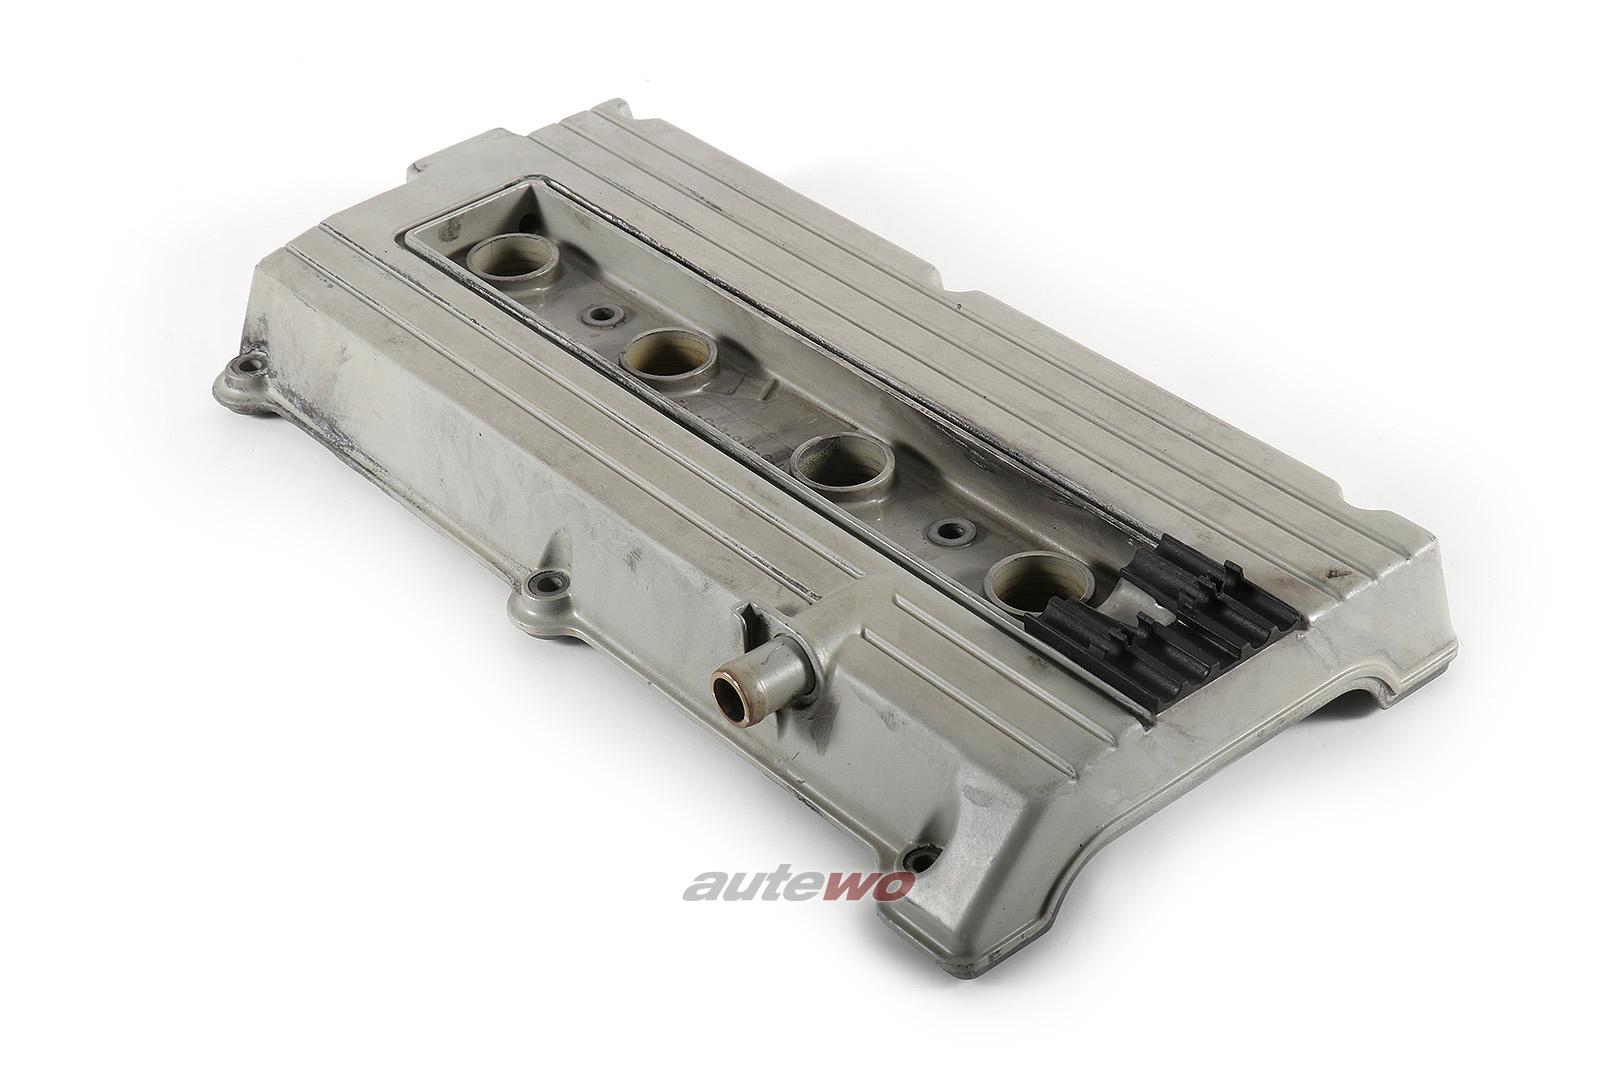 077103476F 077103472A Audi V8 D11/S4/S6 C4 3.6/4.2l Ventildeckel Rechts